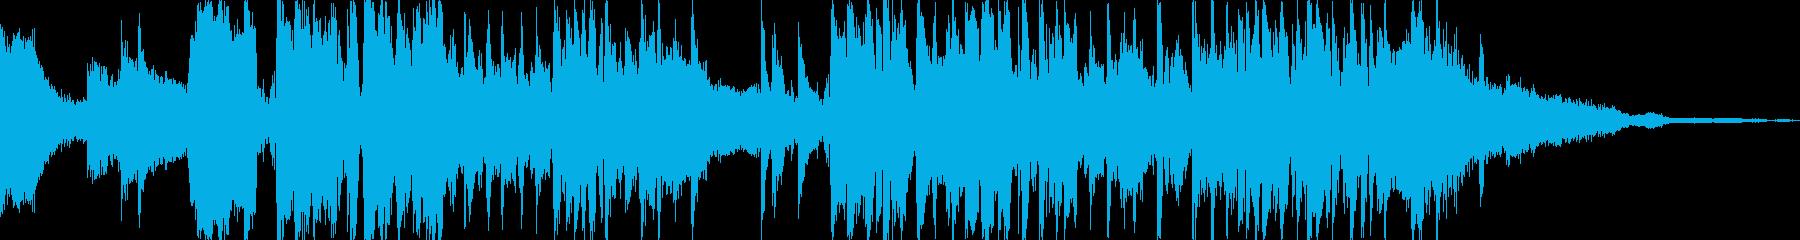 アンビエント 説明的 静か エレキ...の再生済みの波形